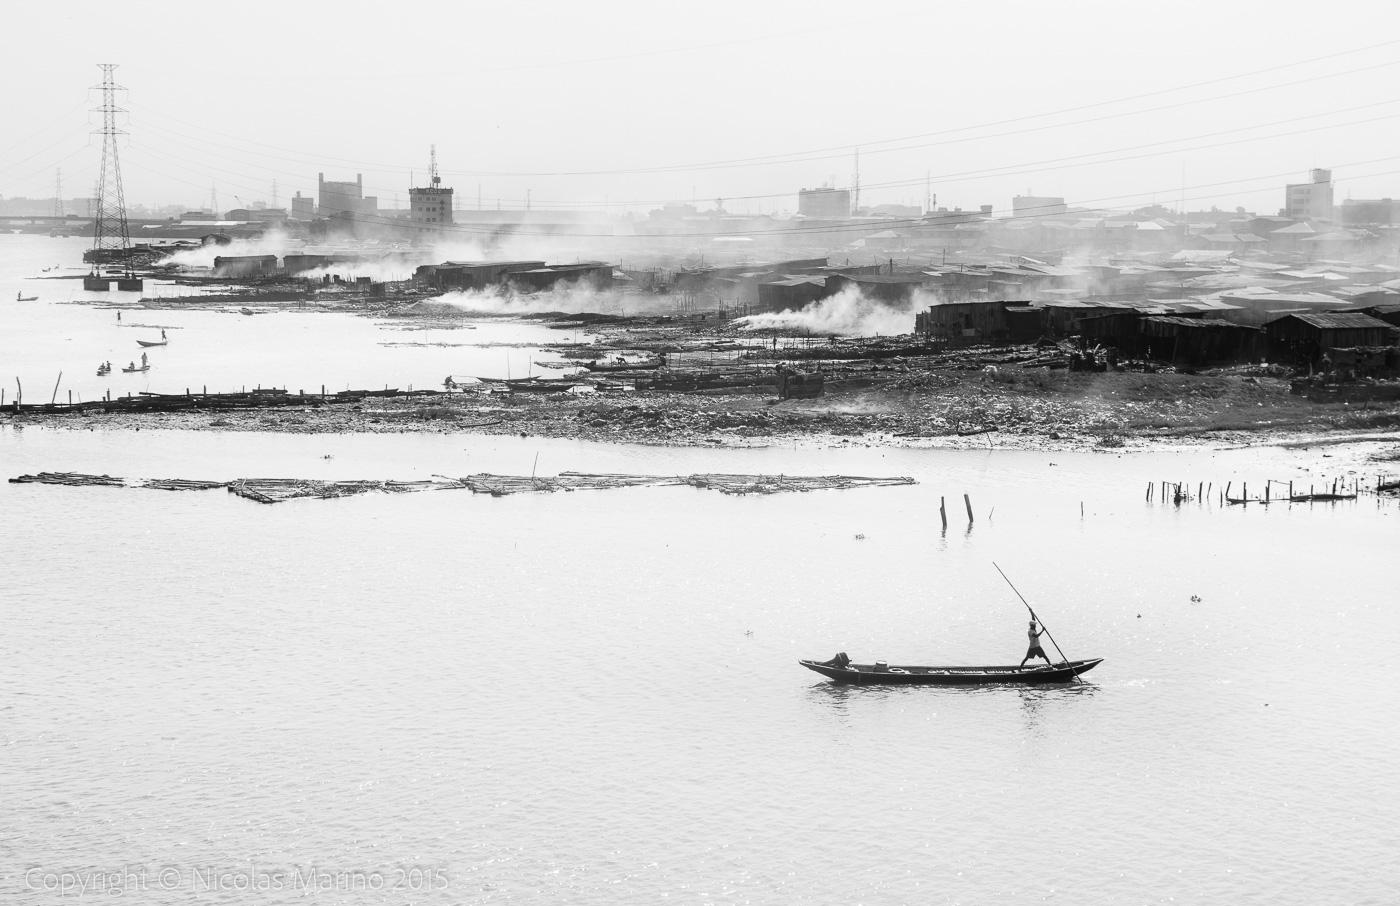 The floating slums of Lagos. Nigeria